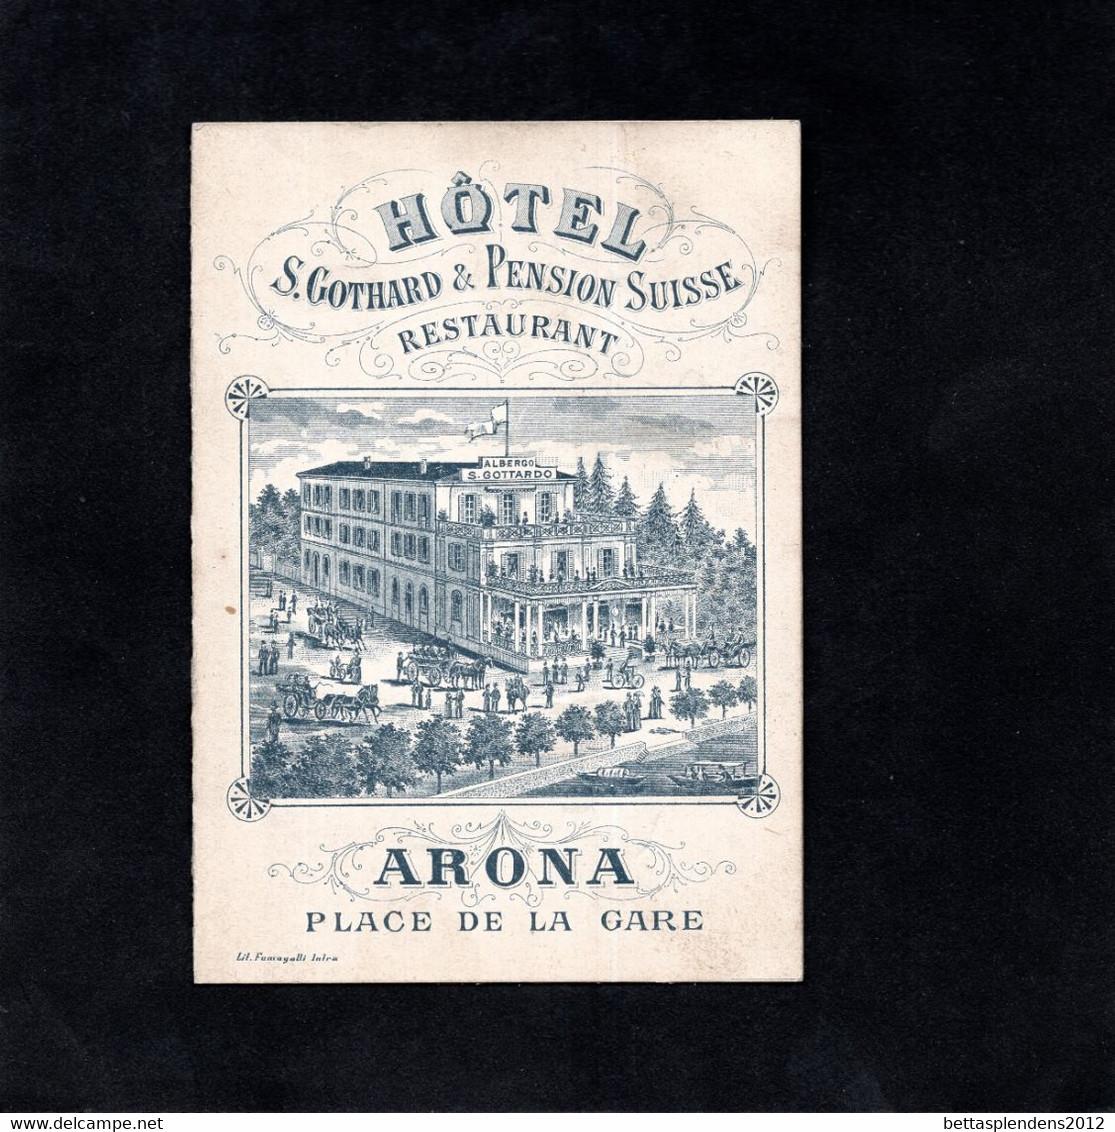 ARONA - Carte Publicitaire - HOTEL S. GOTHARD & PENSION SUISSE  Restaurant (Lac Majeur) - Curiosités D'Arona Et Environs - Other Cities